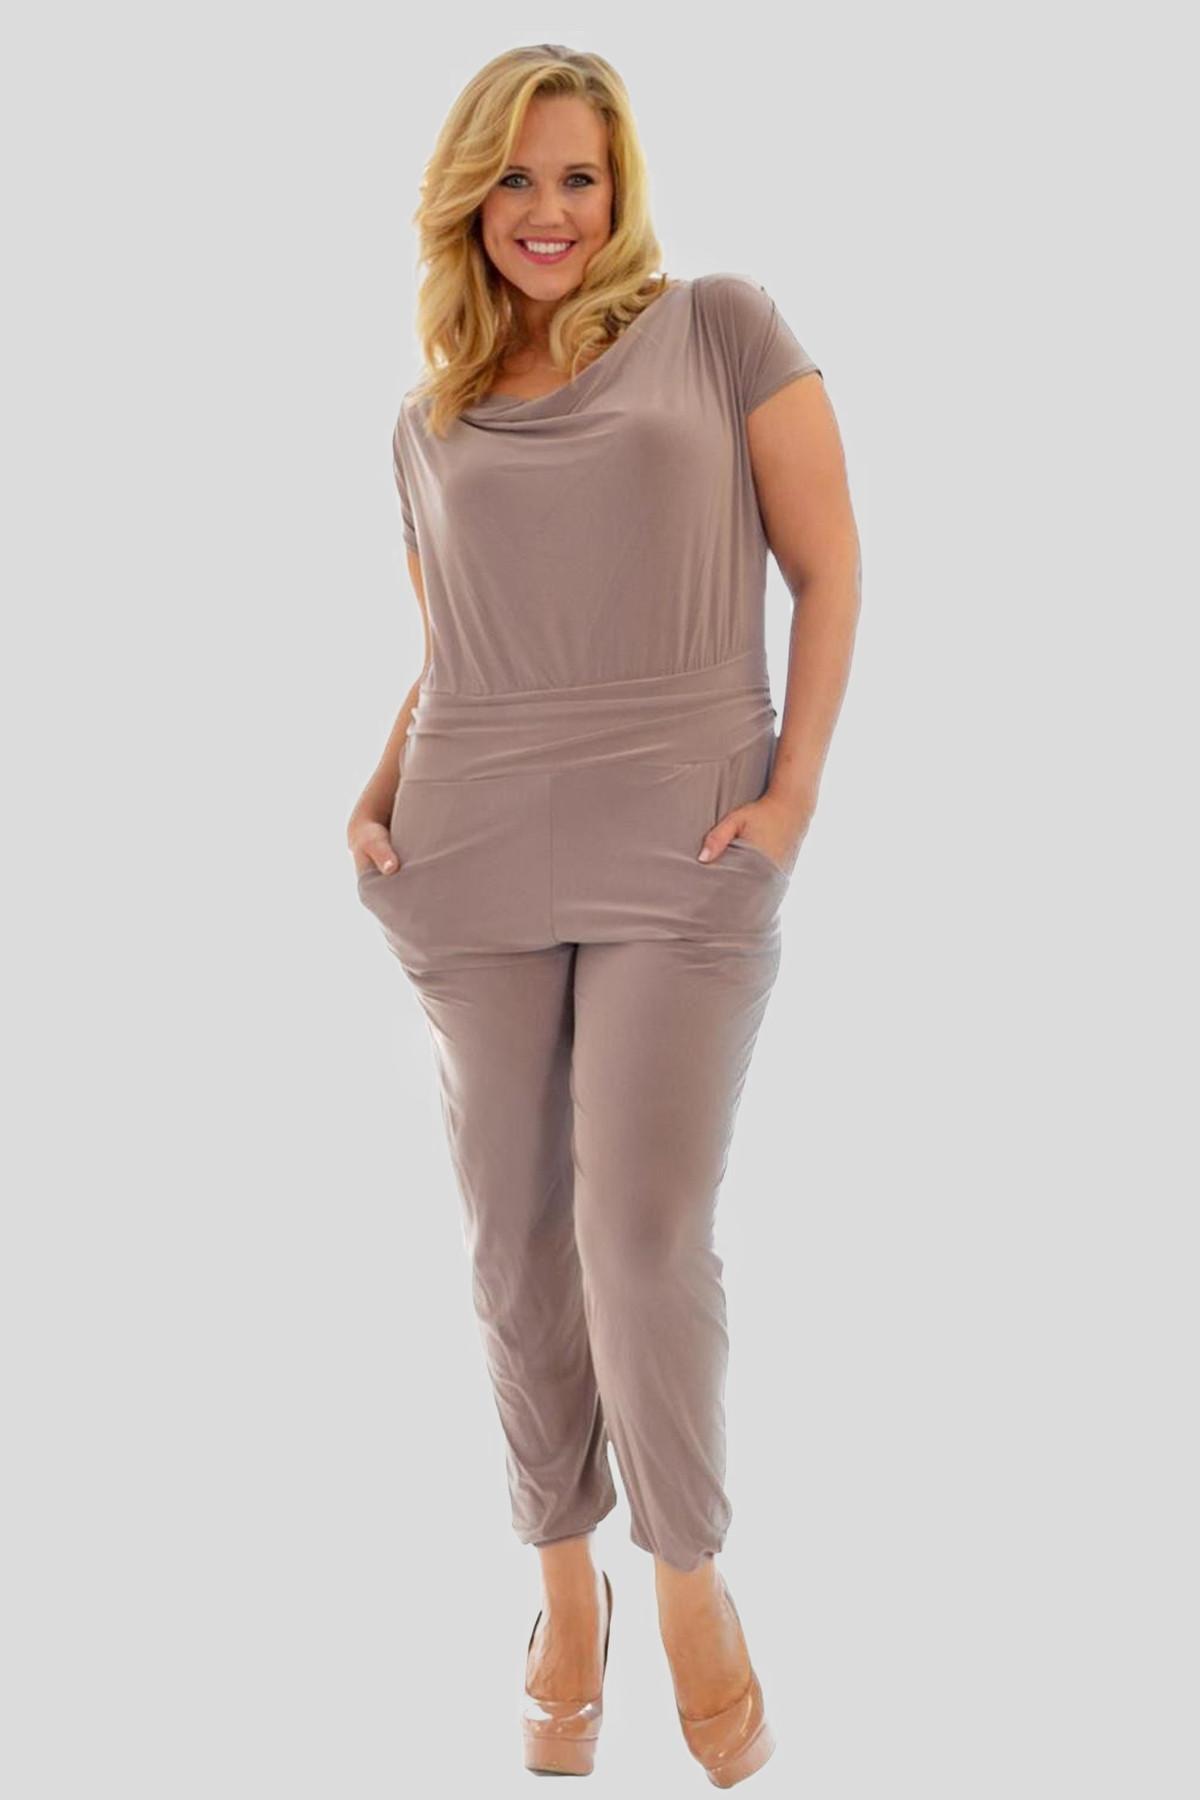 9f163f553dd0 Anna Plus Size Cowl Neck Jumpsuit Party Dress 16-28 - Plus Size ...